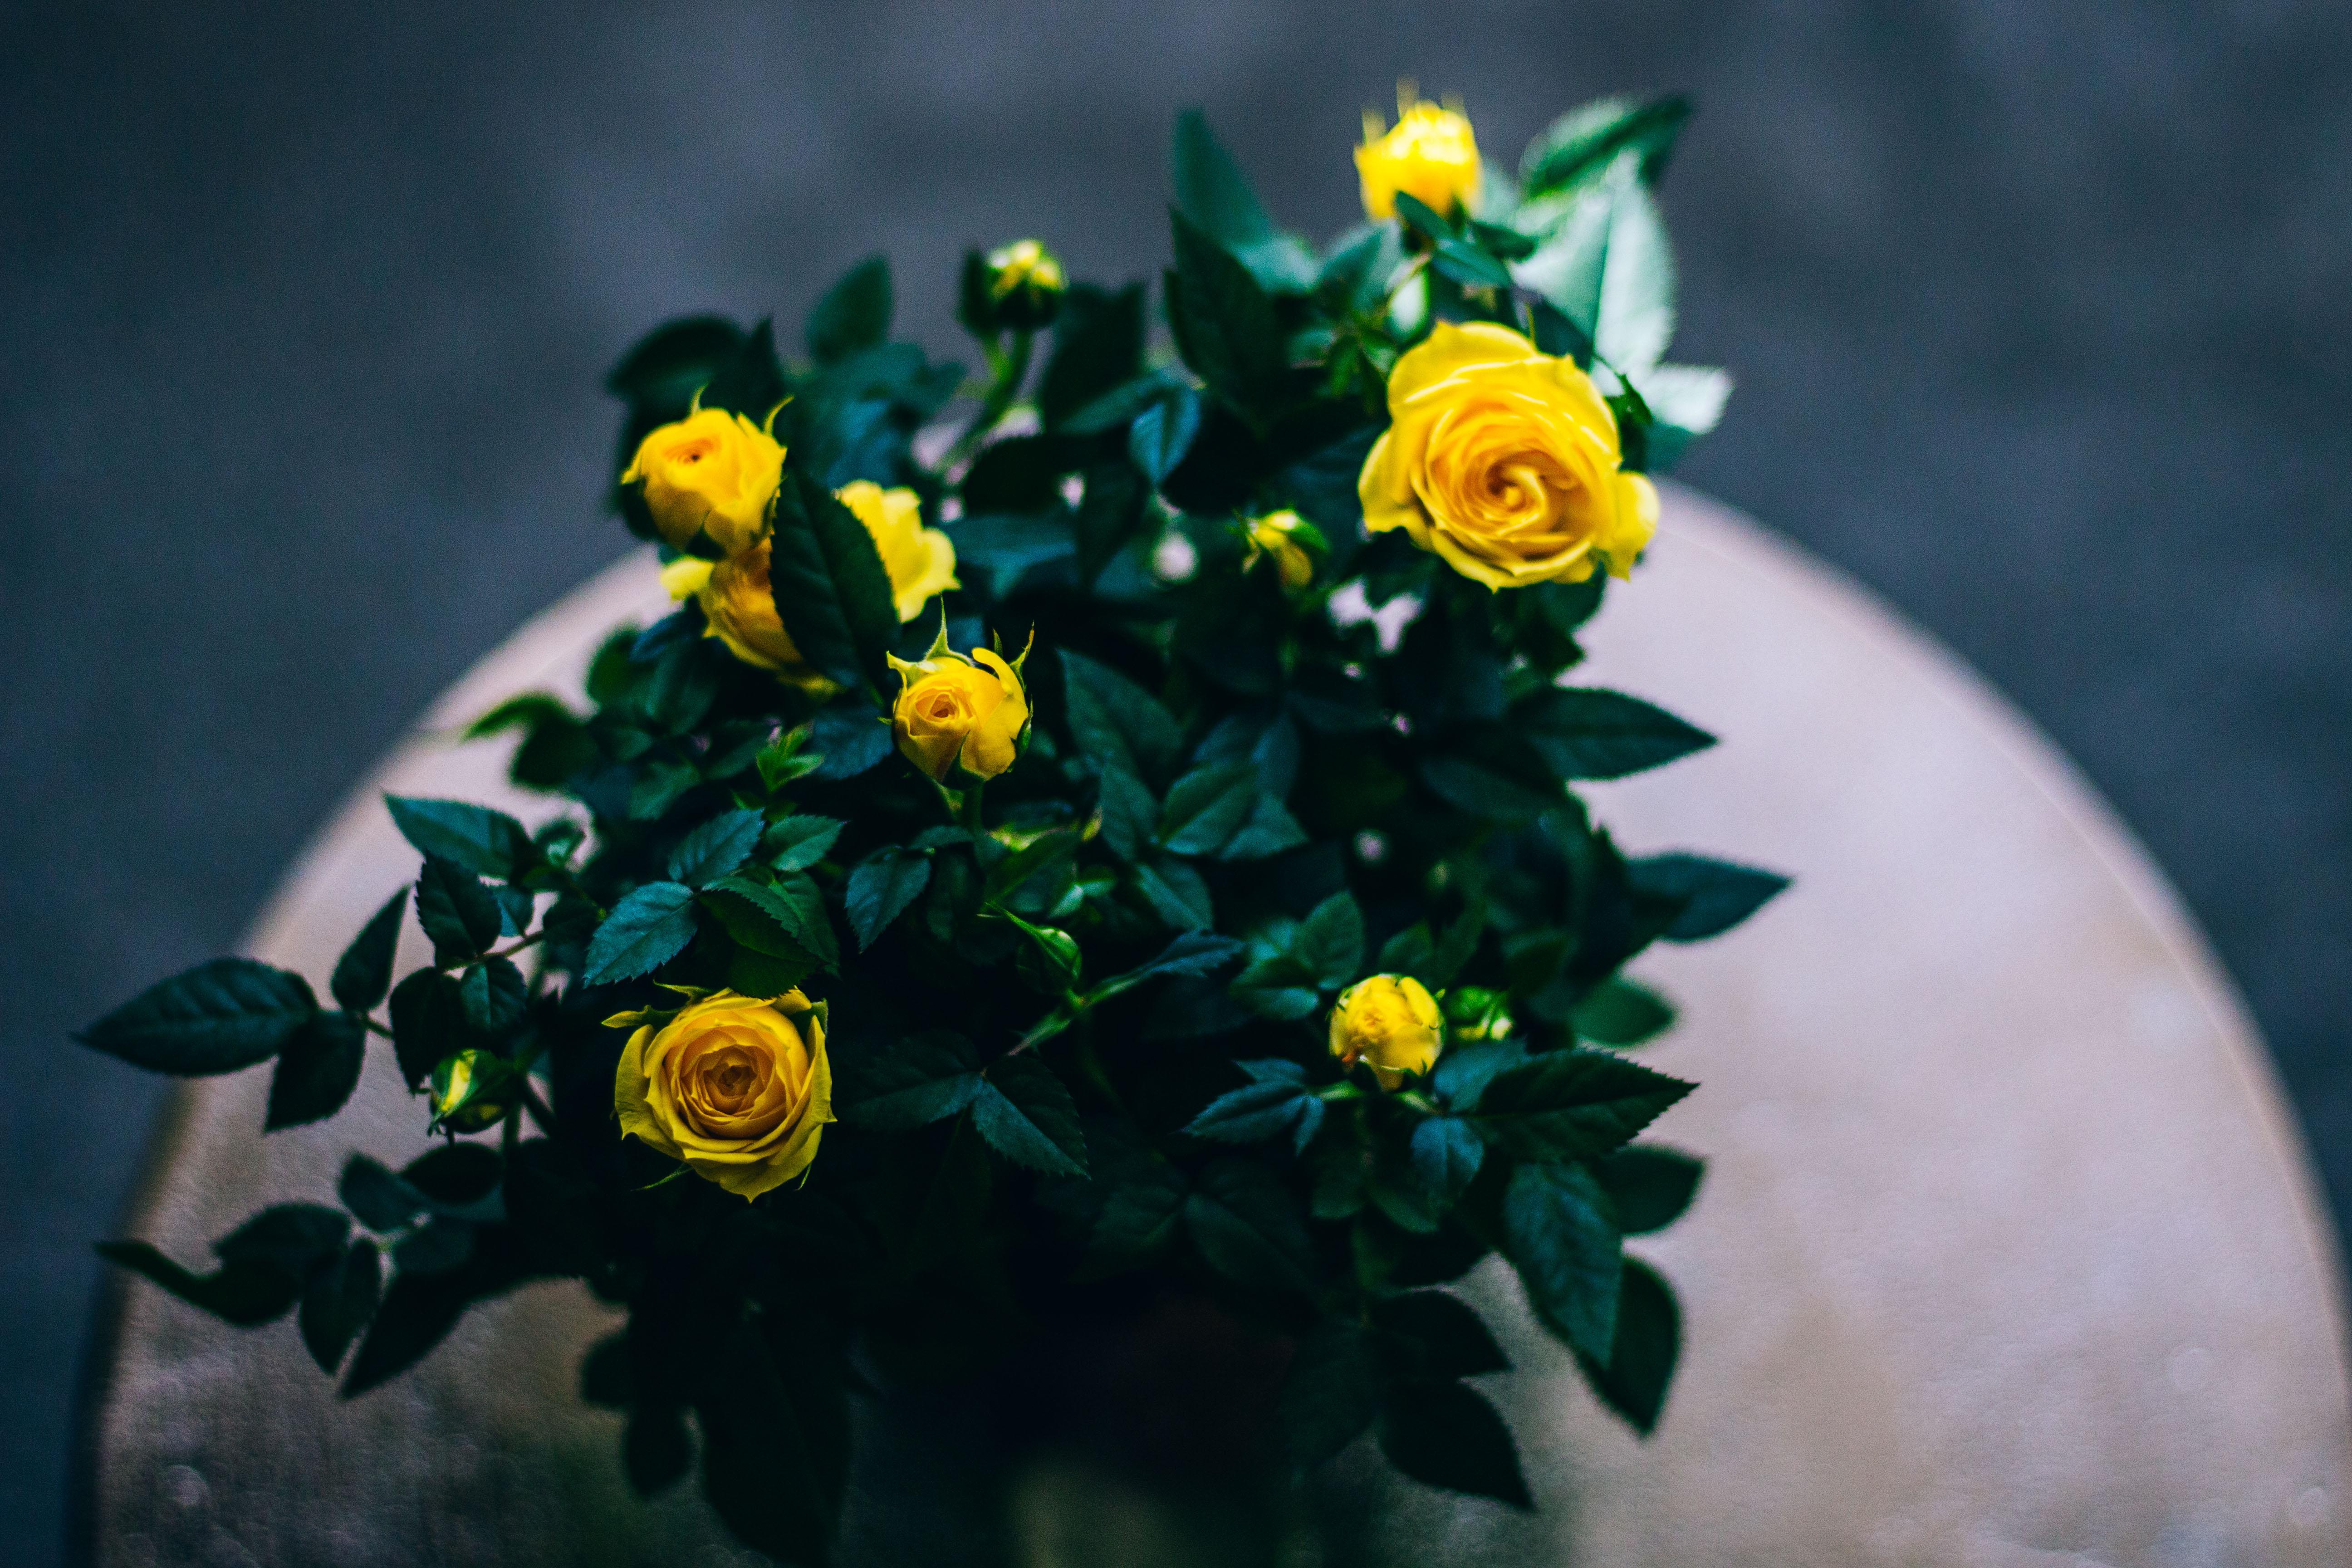 152072 Заставки и Обои Розы на телефон. Скачать Розы, Цветы, Букет, Бутоны картинки бесплатно